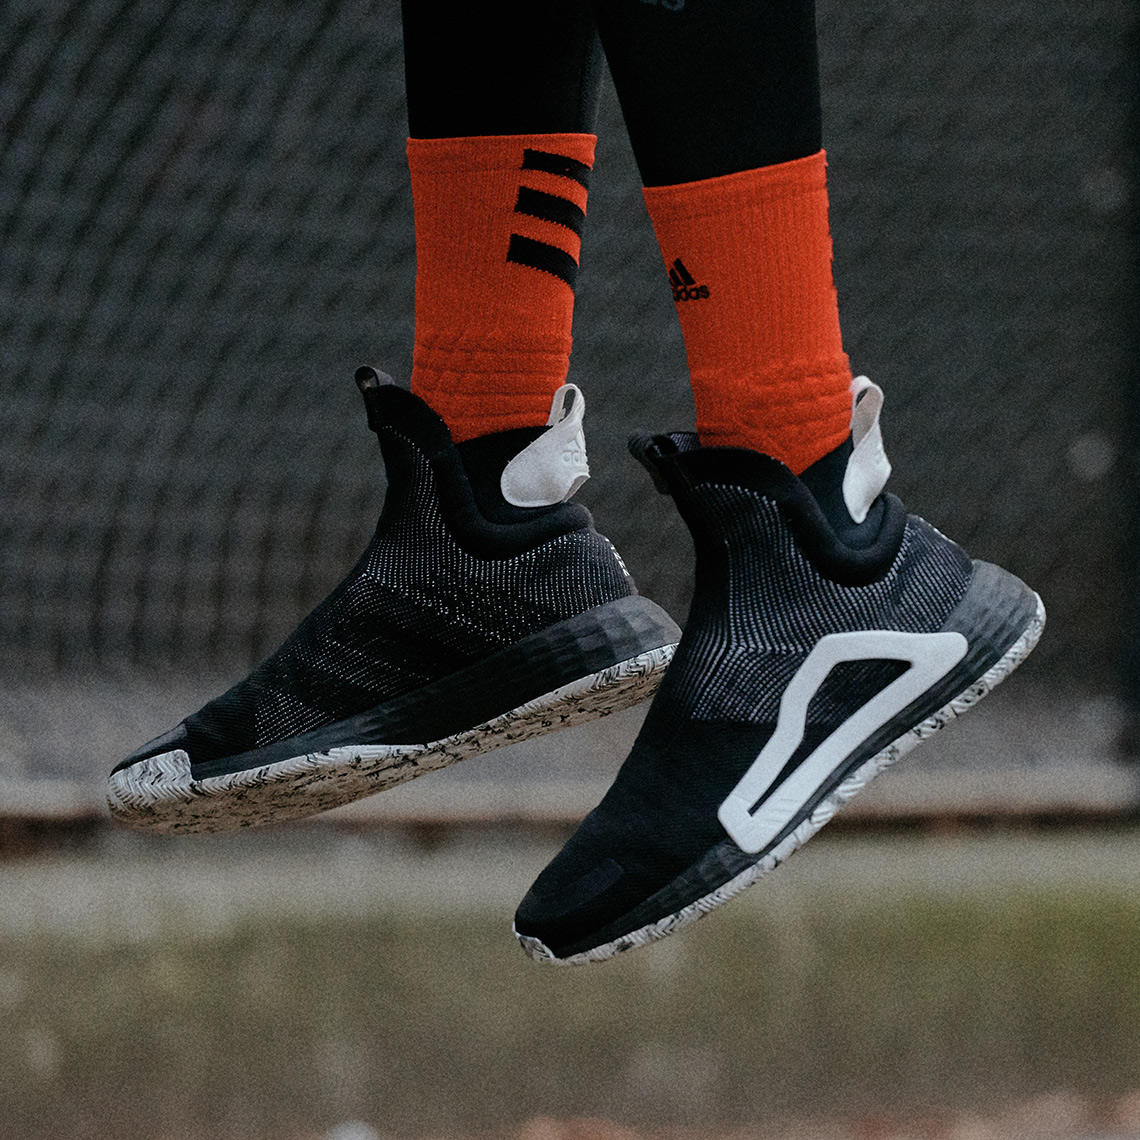 660f7c4a46de5 EffortlesslyFly.com - Online Footwear Platform for the Culture ...